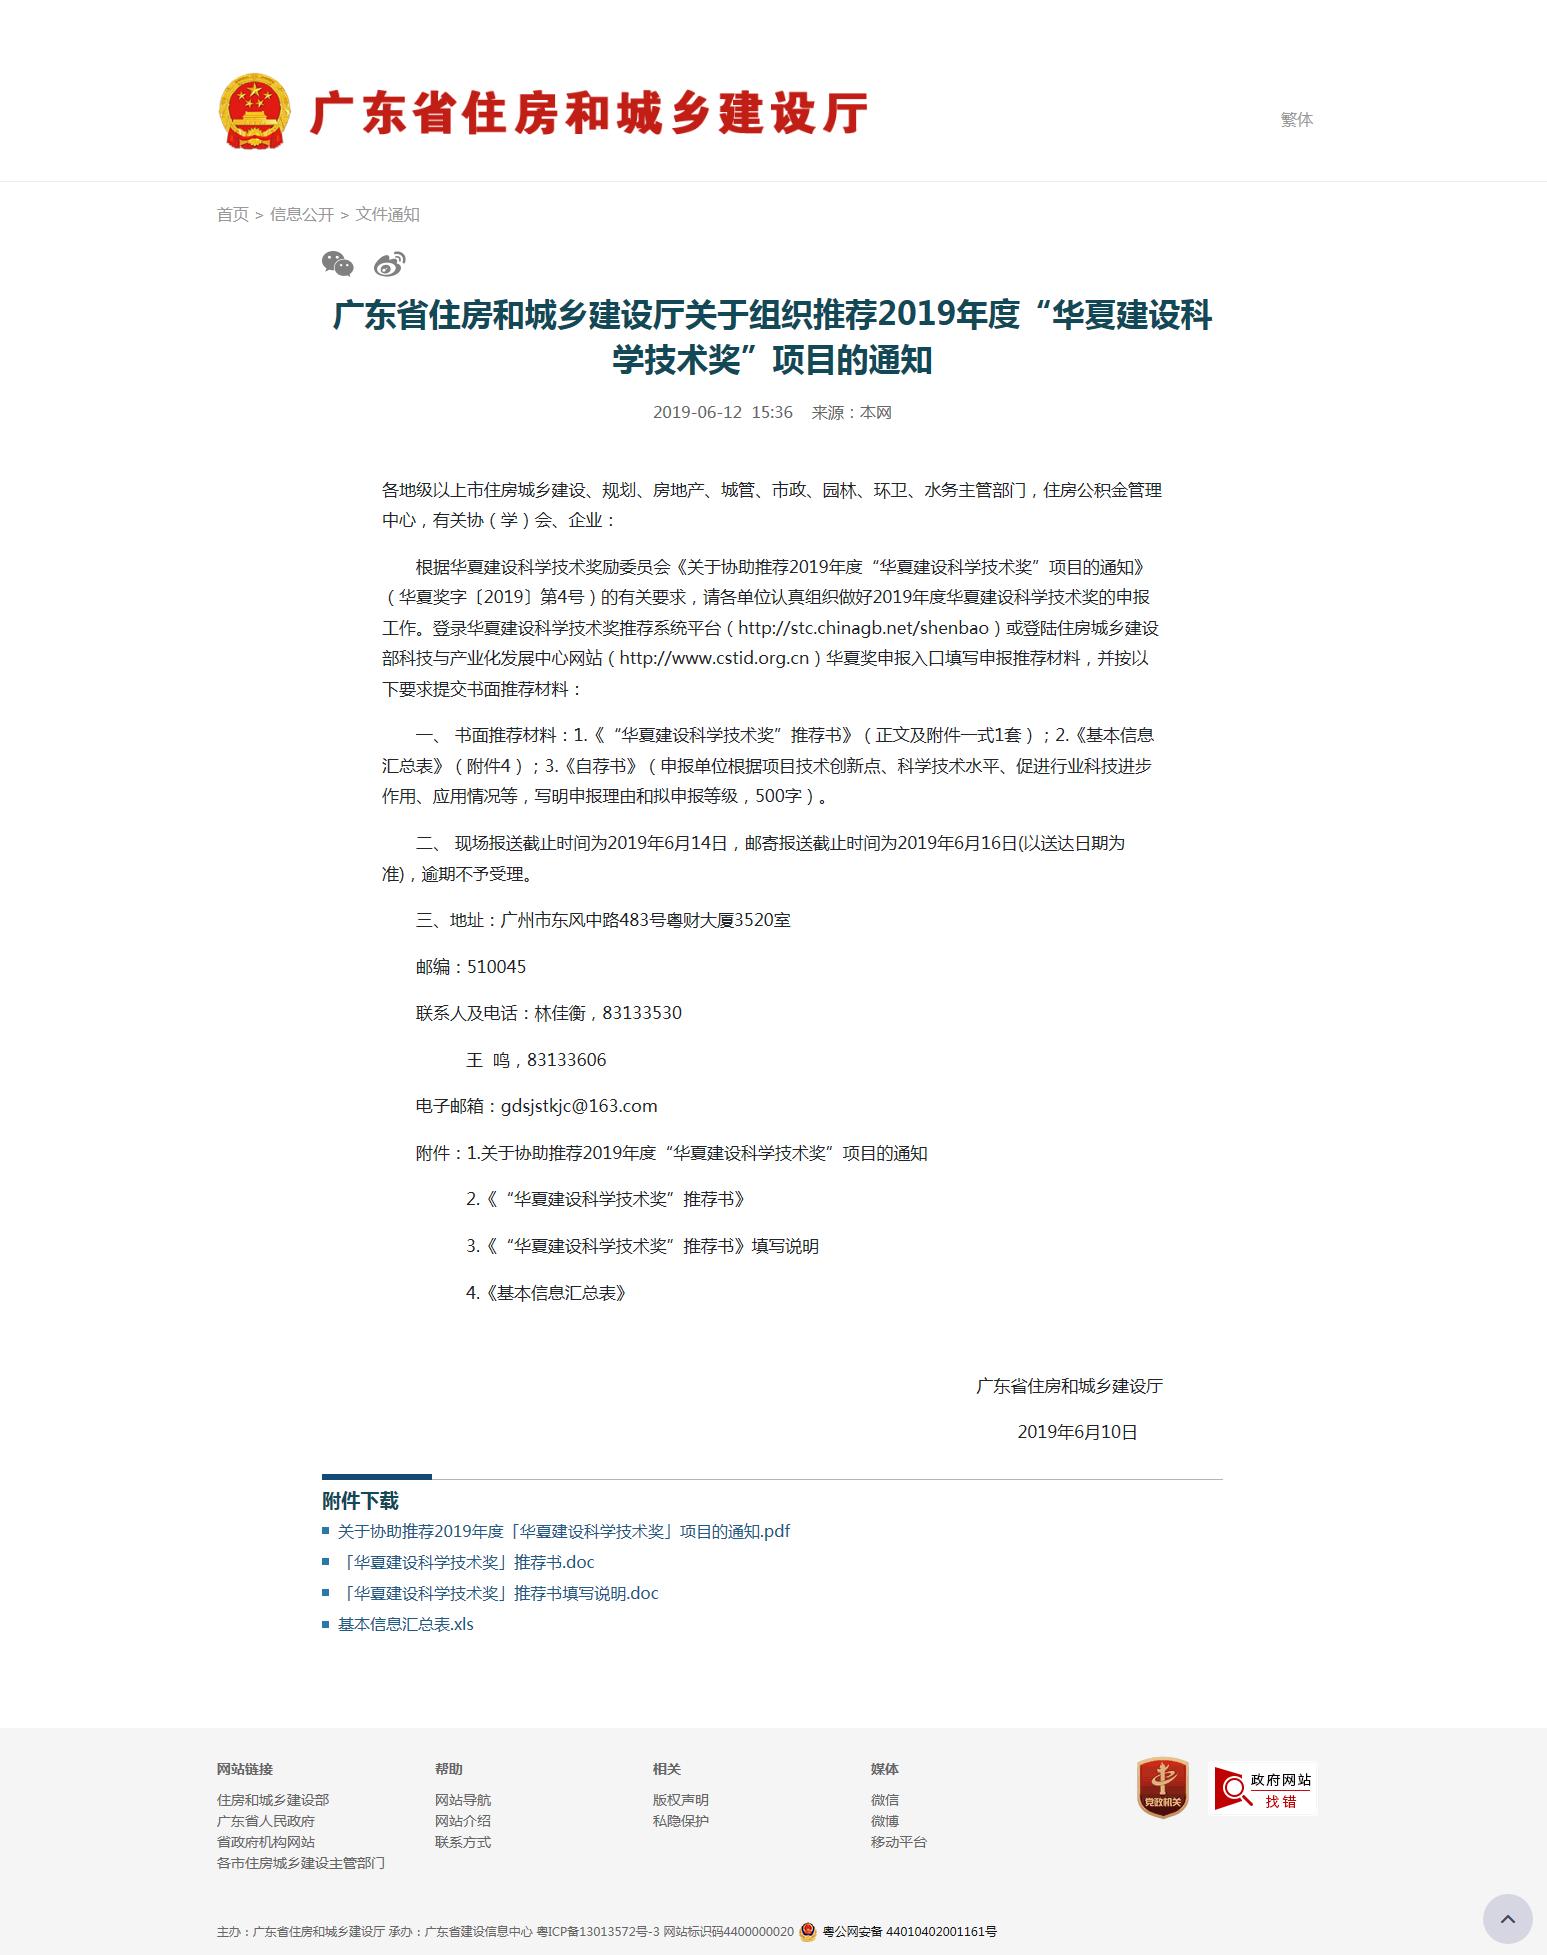 转发:广东省住房和城乡建设厅关于征求广东省标准《装配式建筑评价标准》(征求意见稿)意见的函